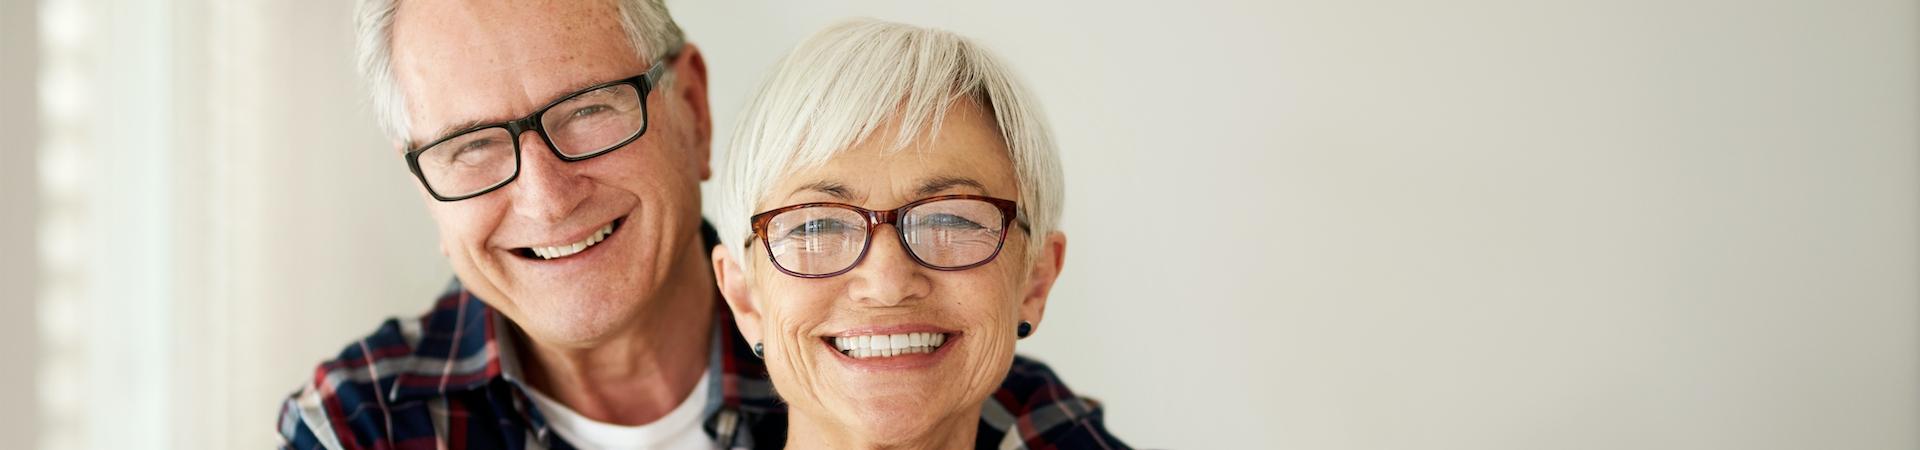 gute Altersvorsorge erkennen